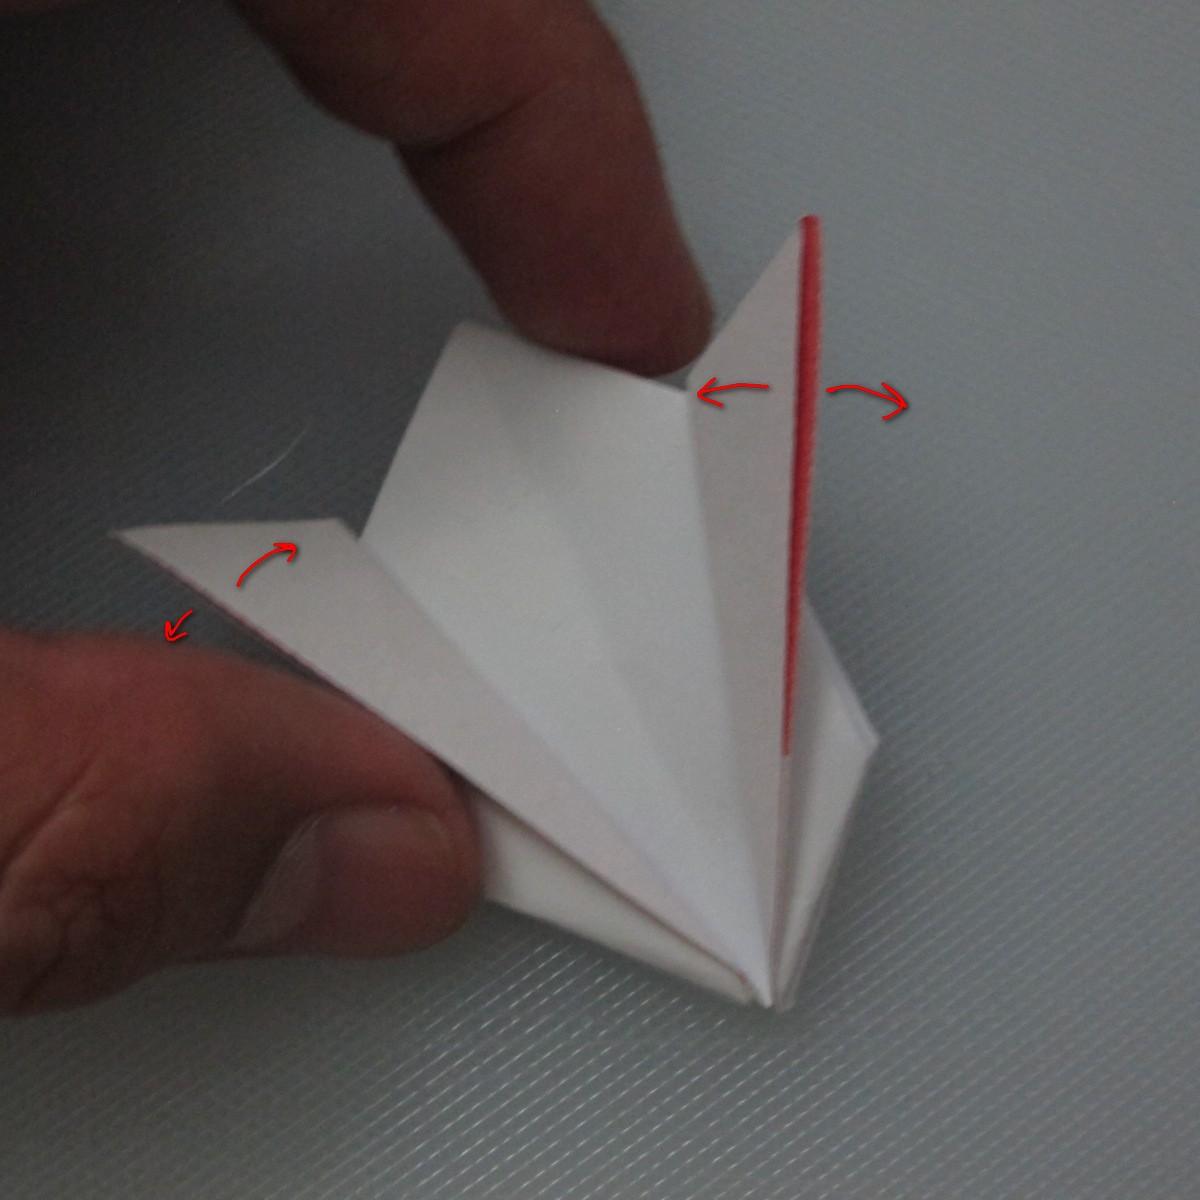 วิธีการพับกระดาษเป็นรูปกระต่าย 015